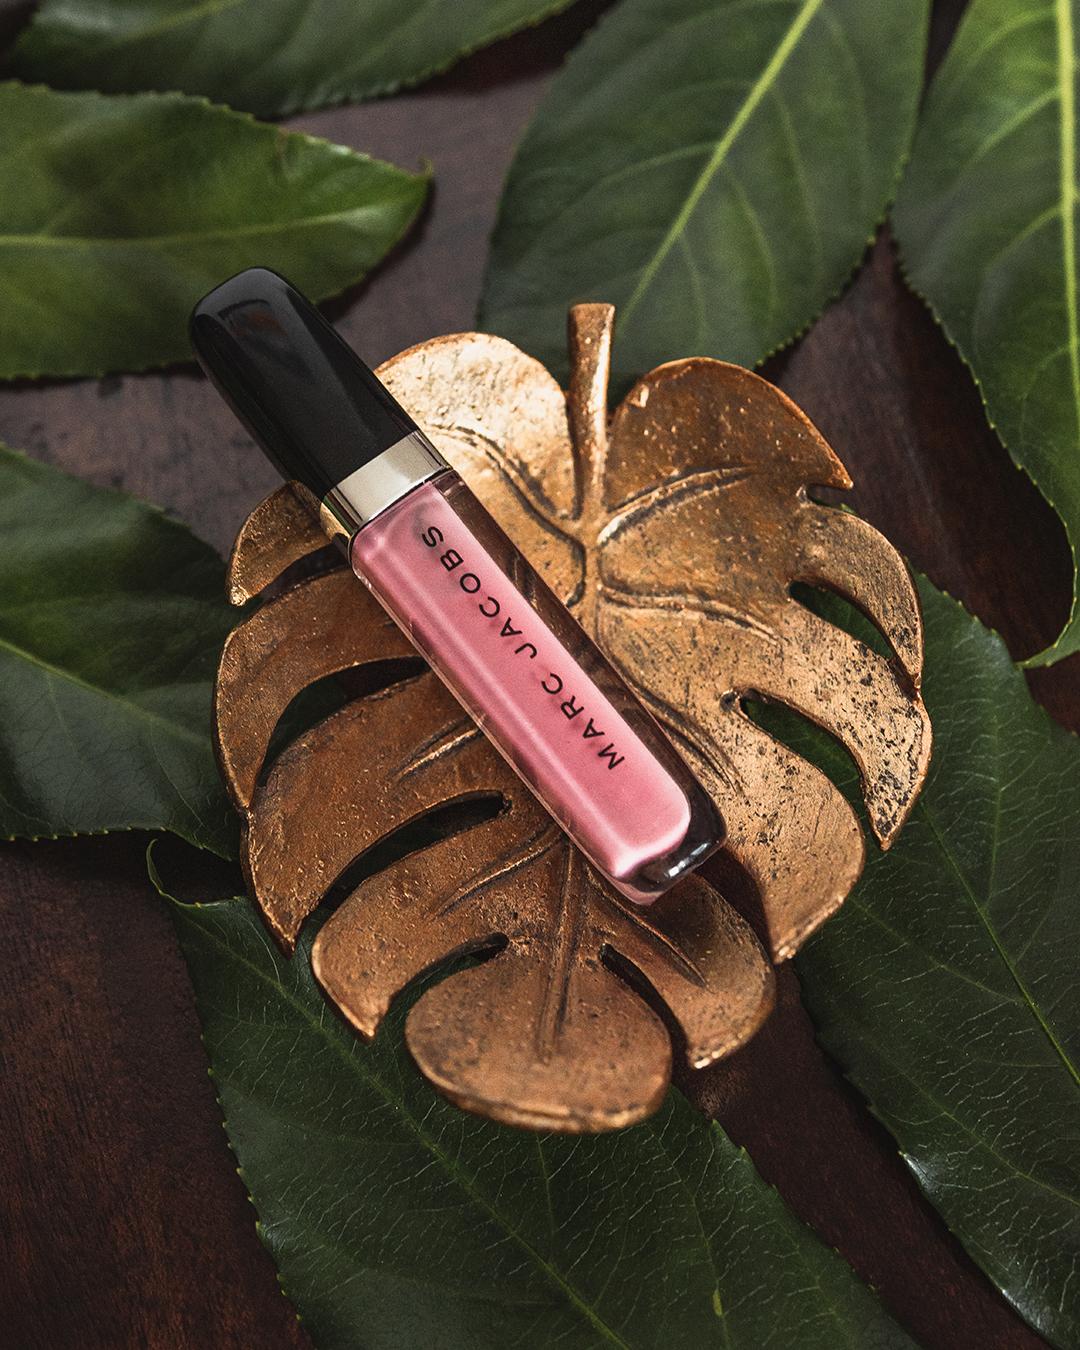 Ulubione kosmetyki do makijażu Marc Jacobs Enamored Hi-Shine Gloss Lip Lacquer w odcieniu Pink Flamingo